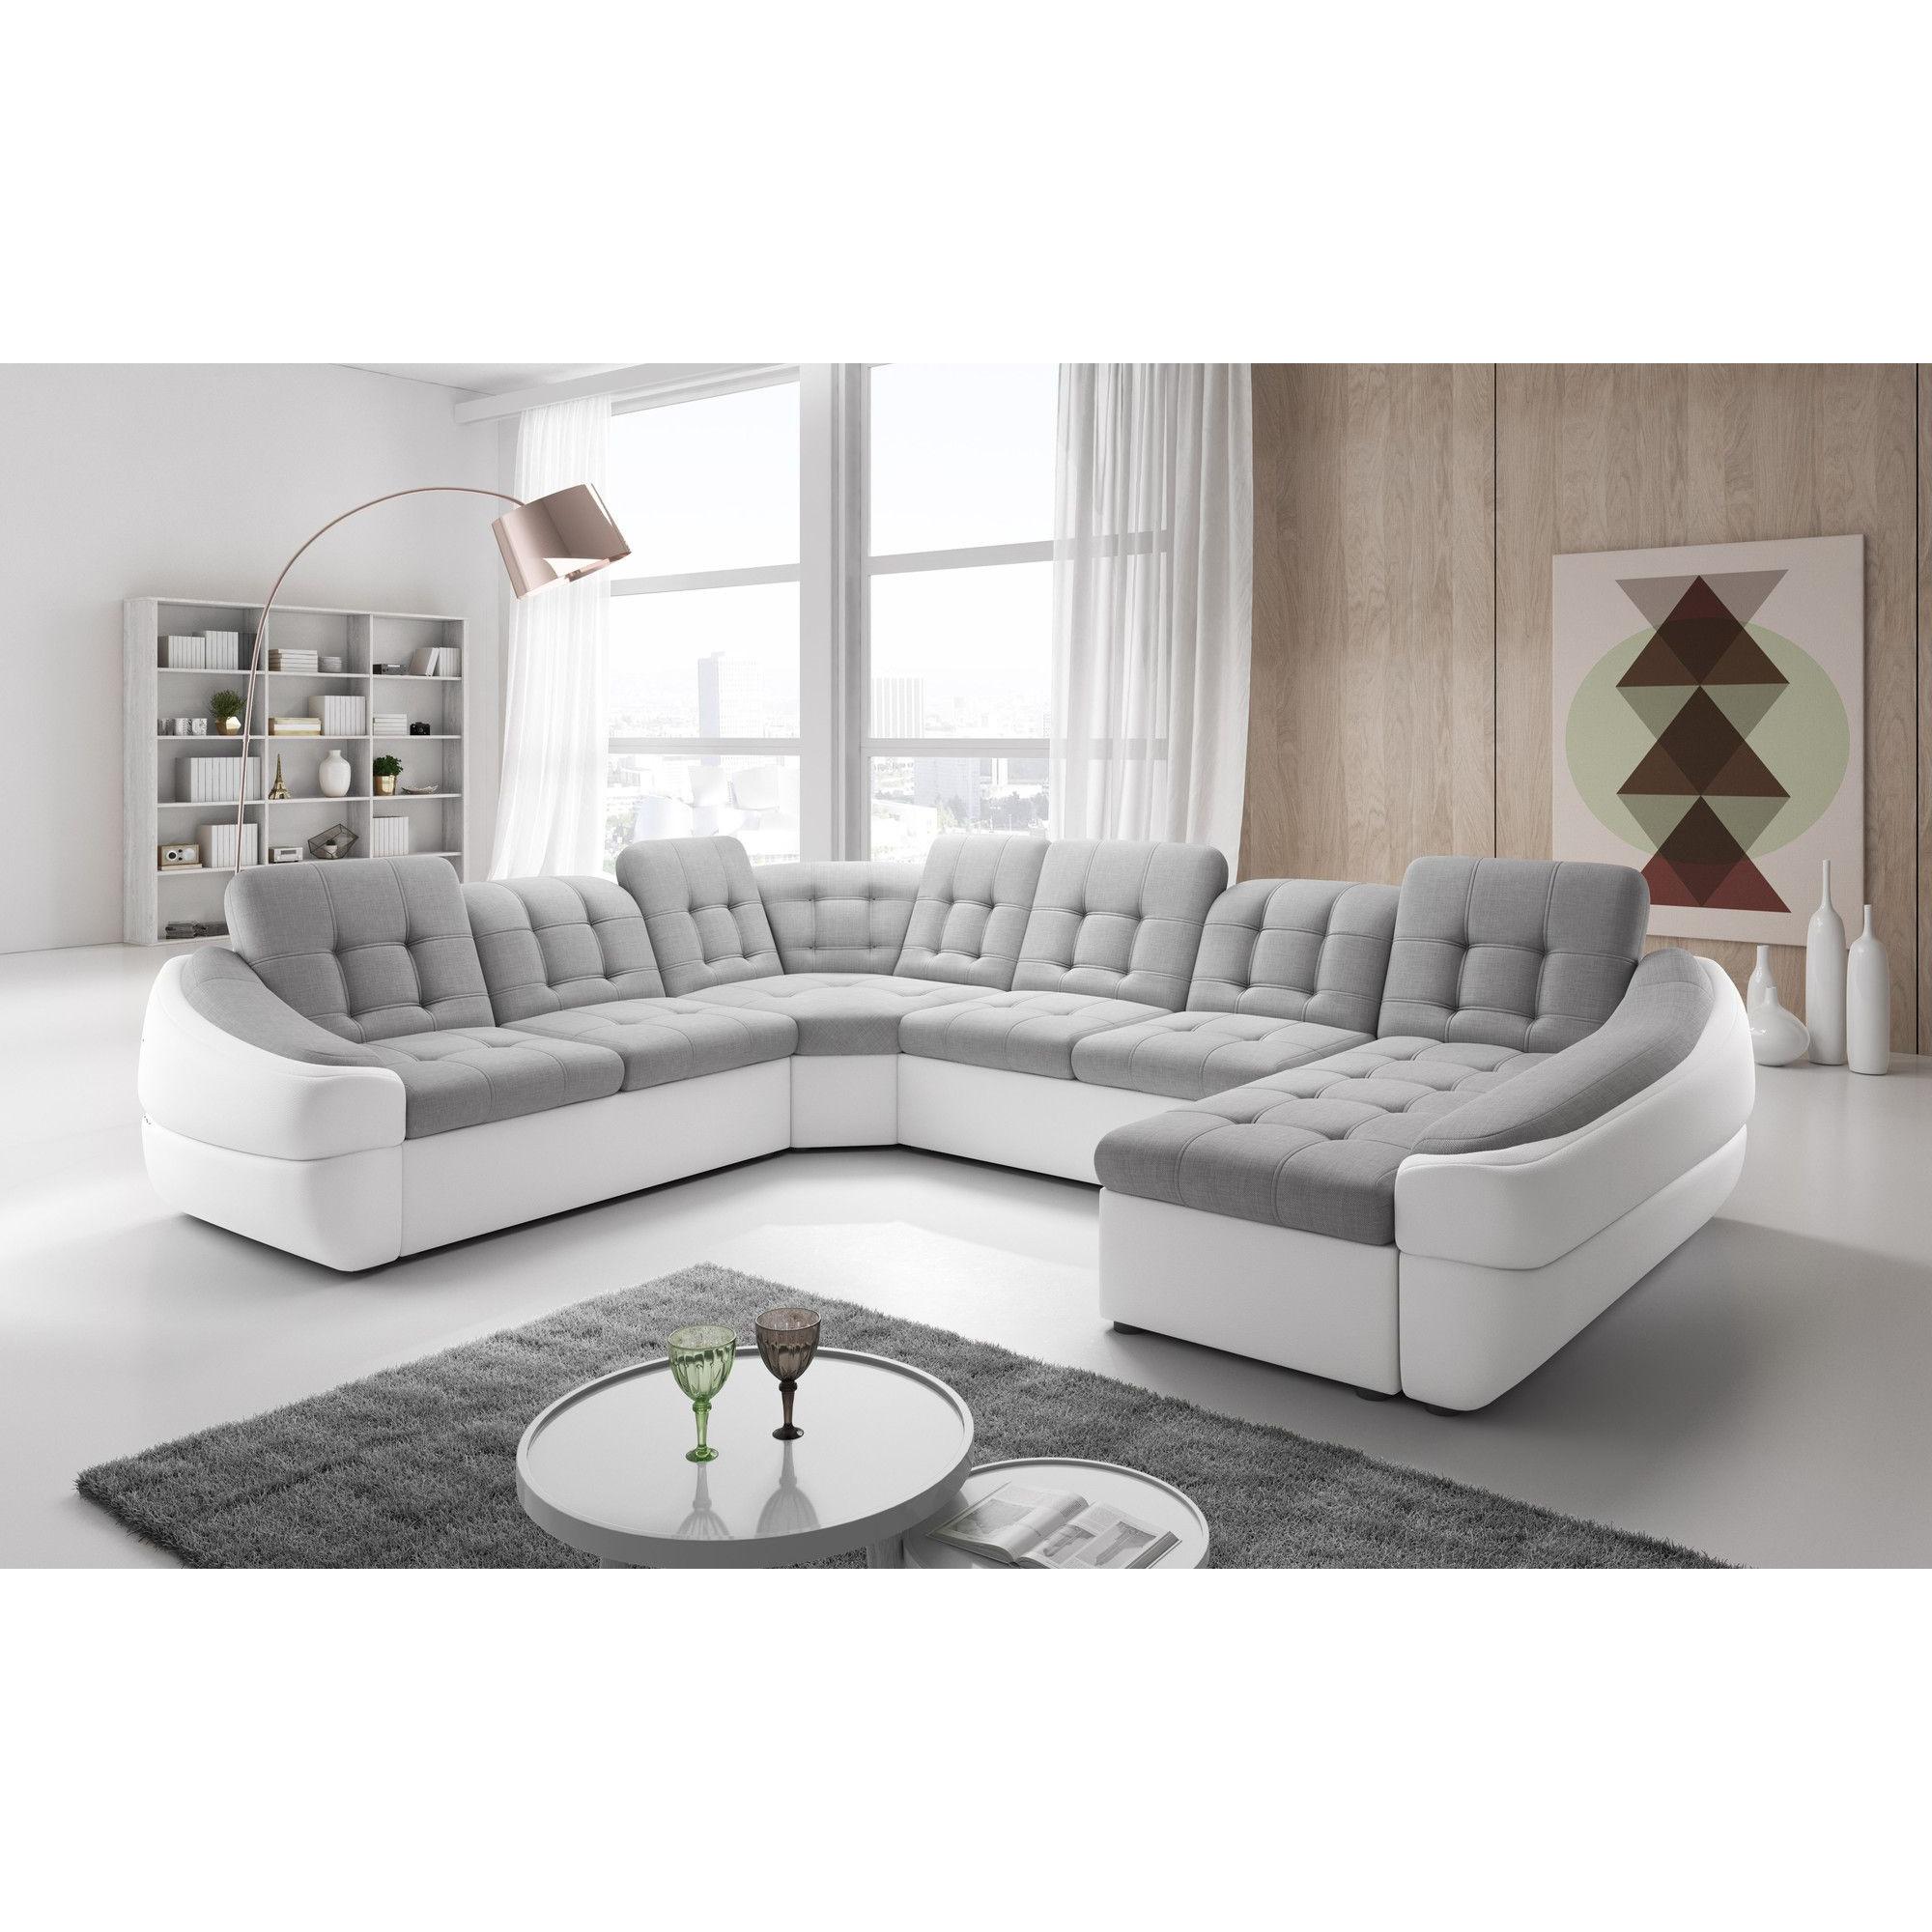 Salon Canapé d angle design en tissu et simili cuir avec